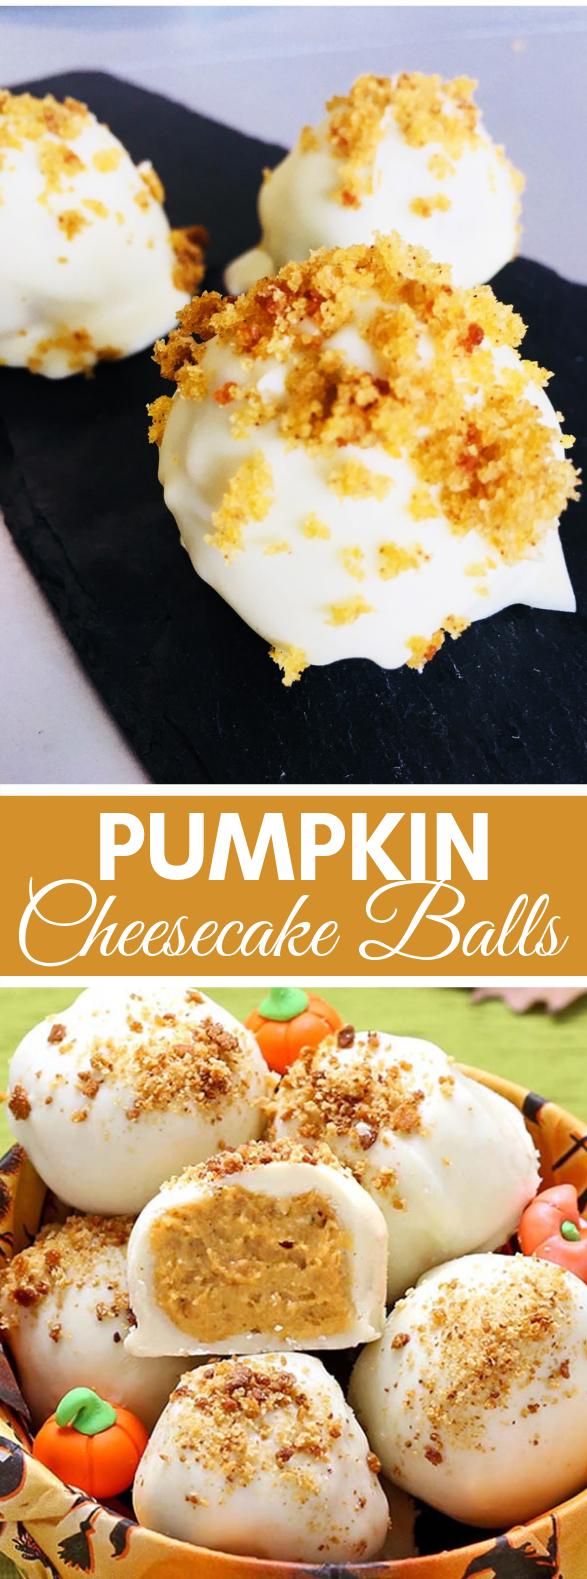 Pumpkin Cheesecake Balls #desserts #creamcheese